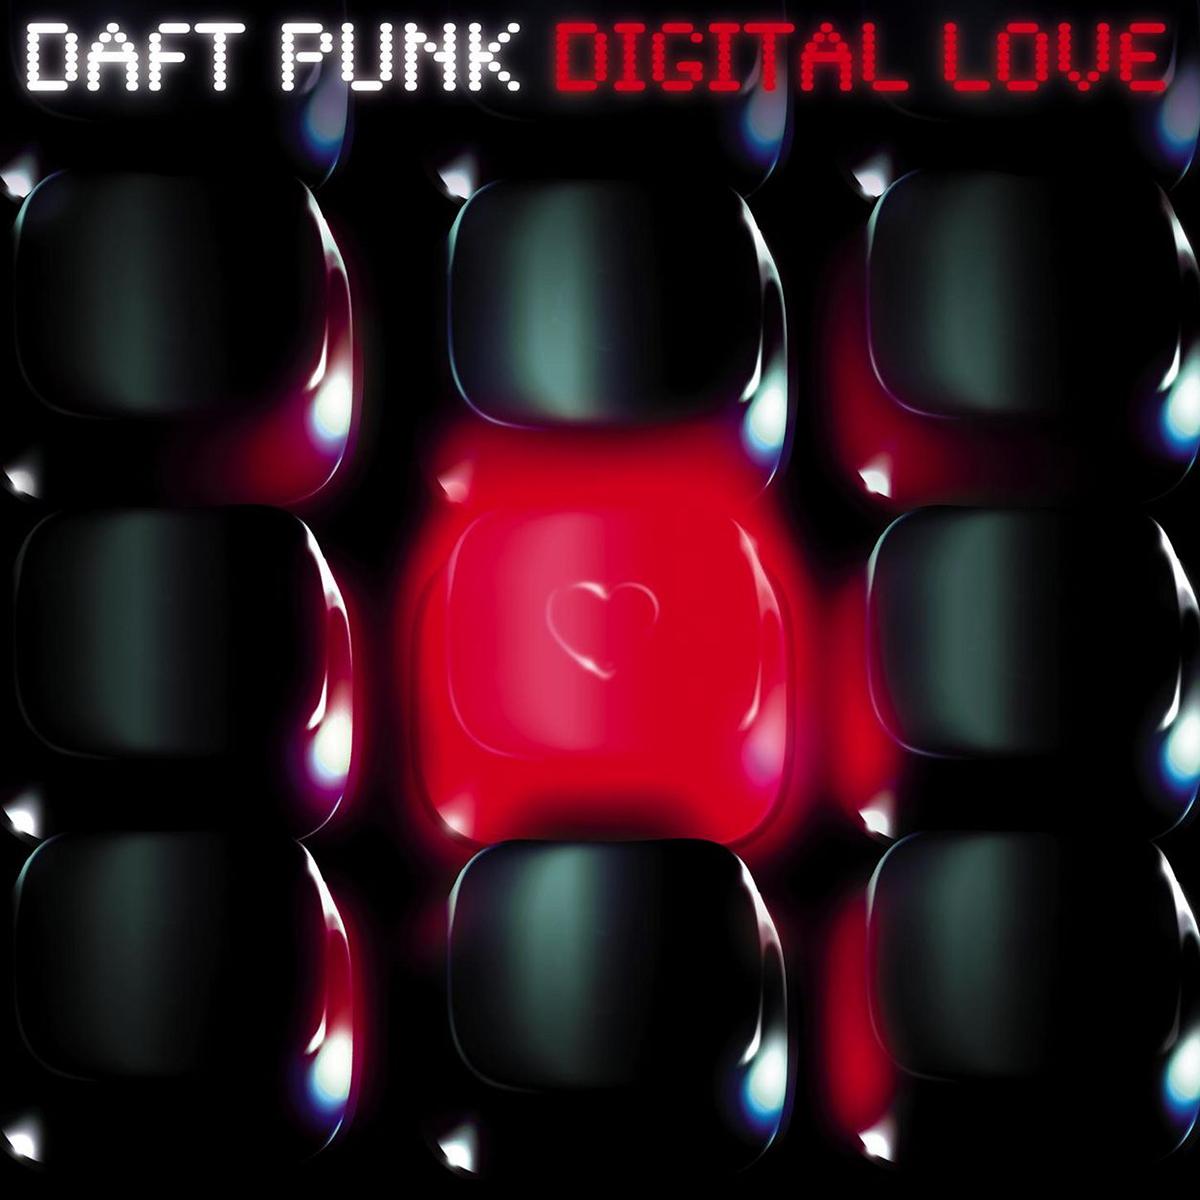 File:Digital Love.jpg